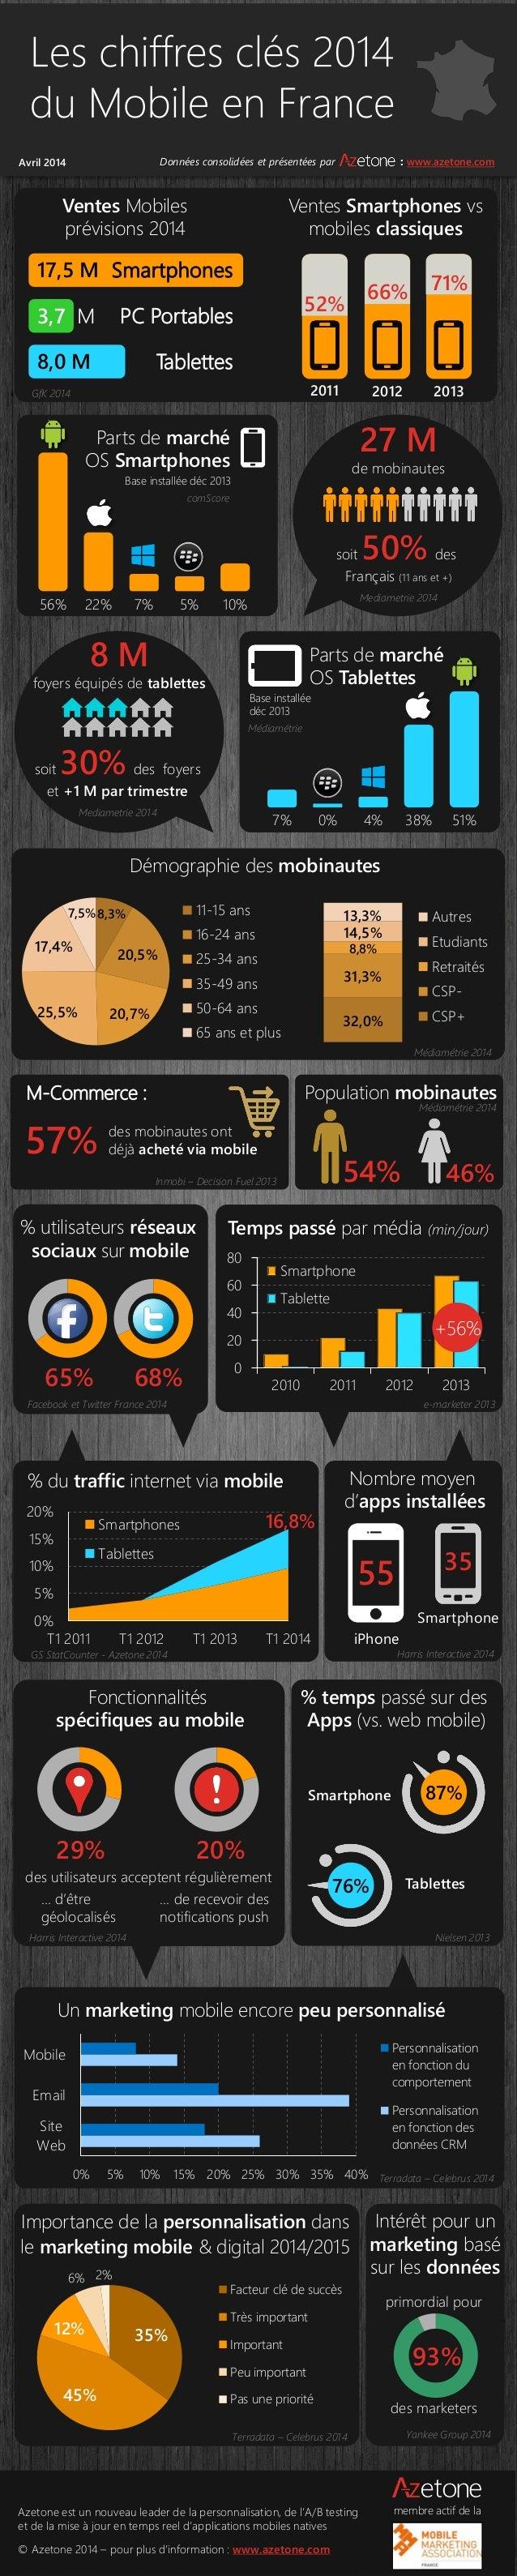 Les chiffres clés du mobile en France - Infographie